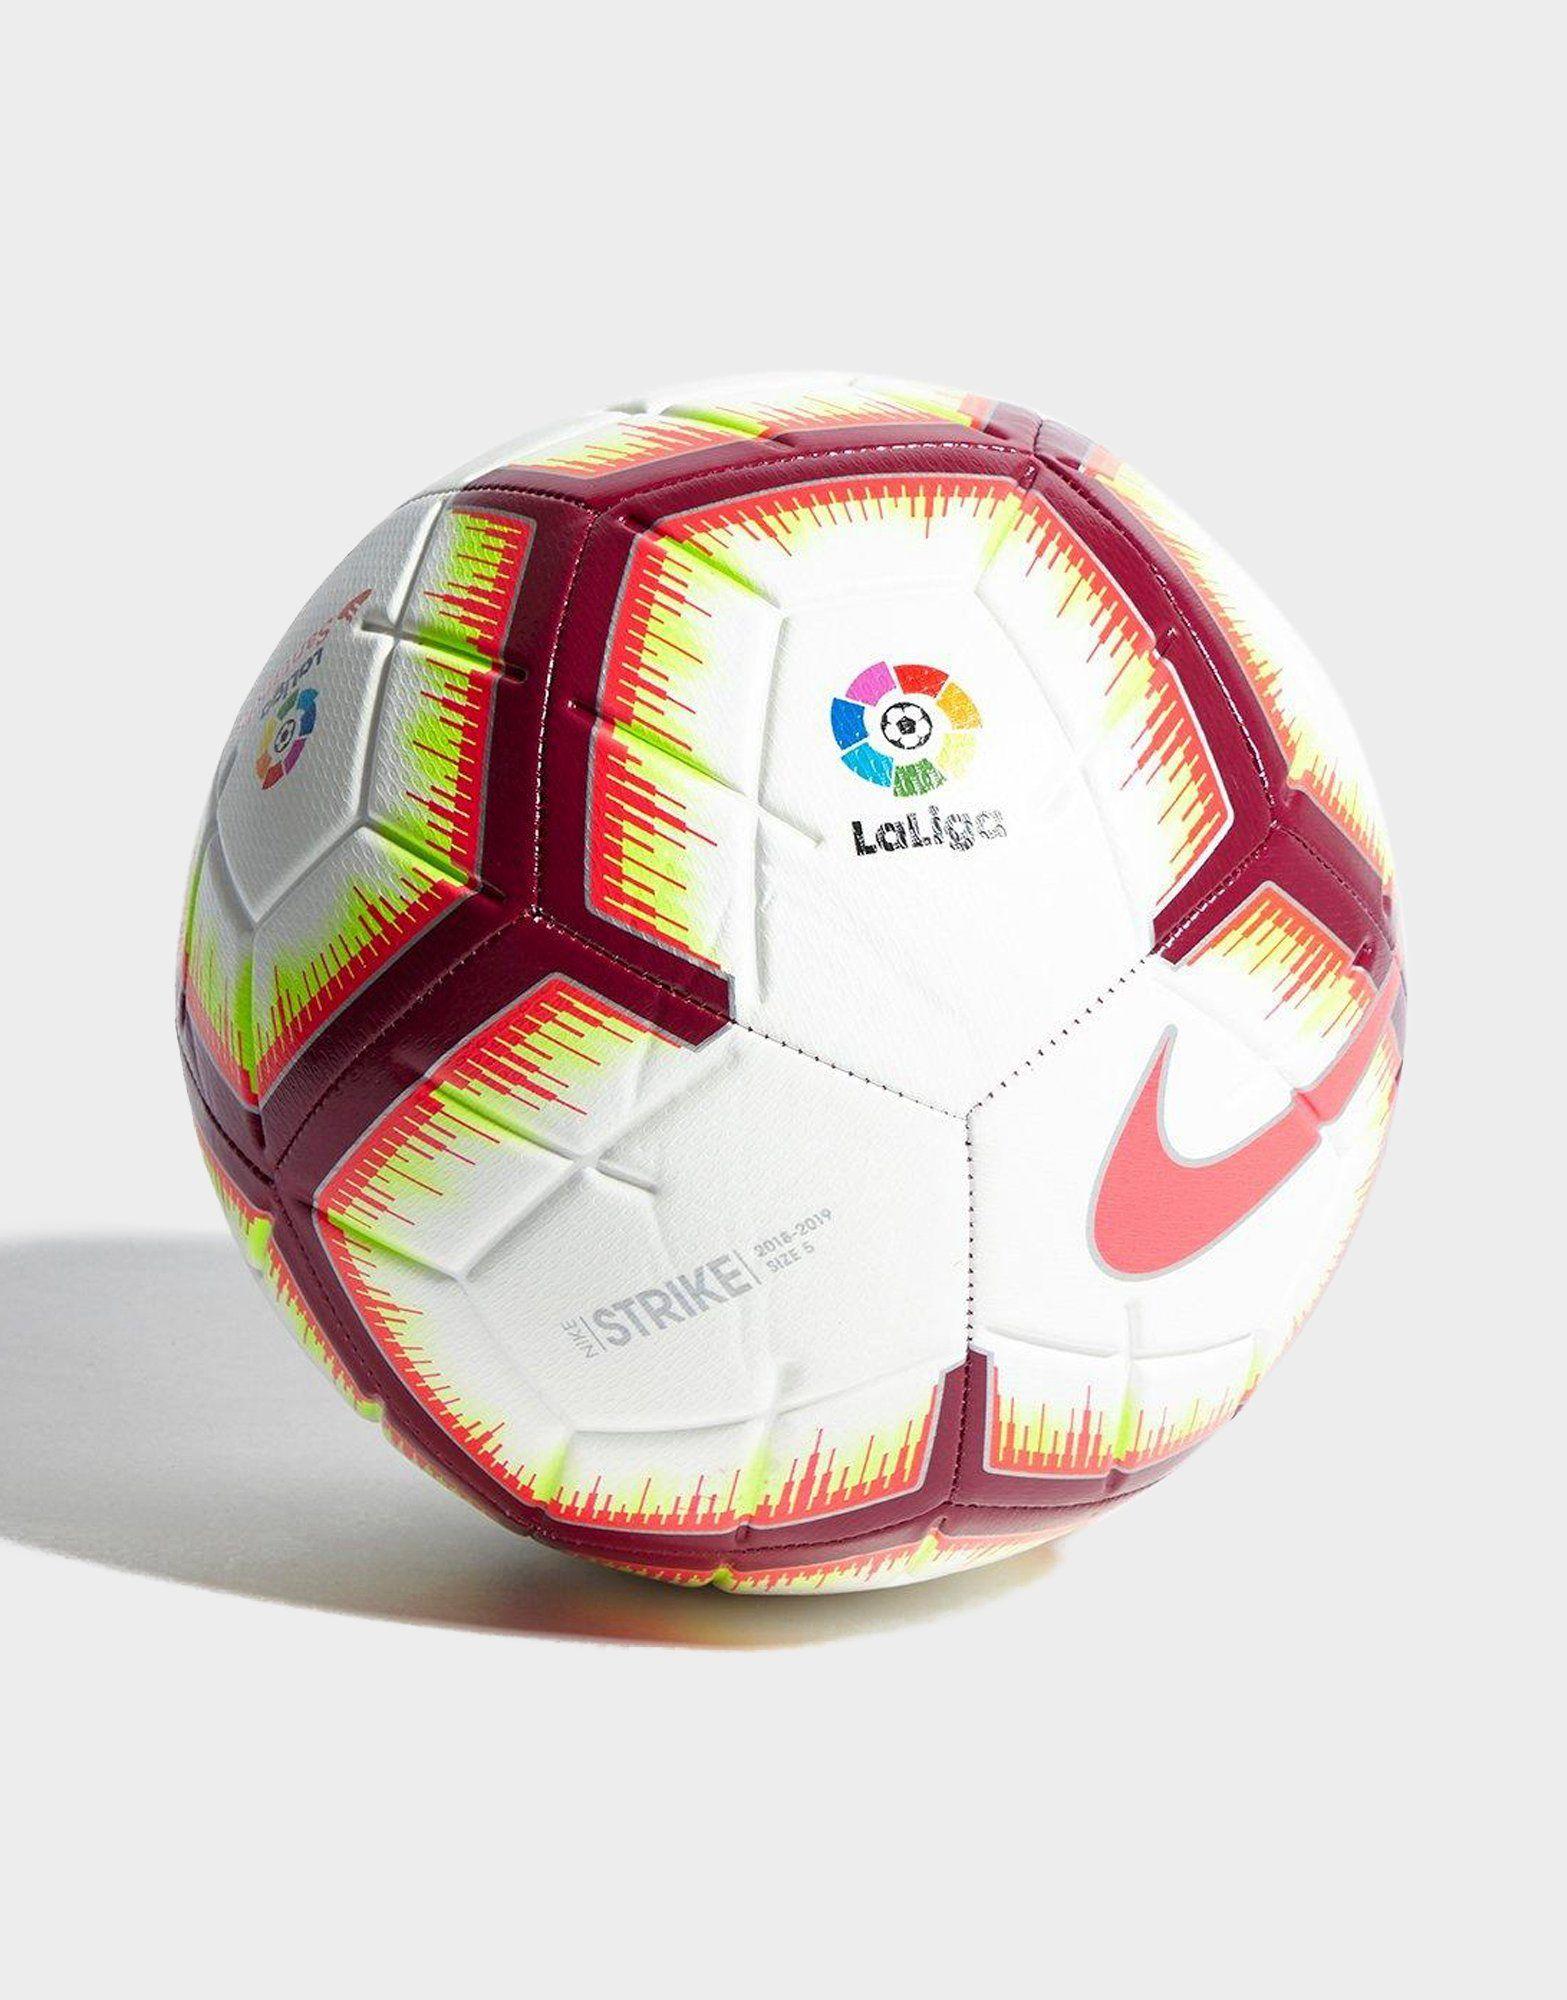 Nike La Liga Strike 2018/19 Football